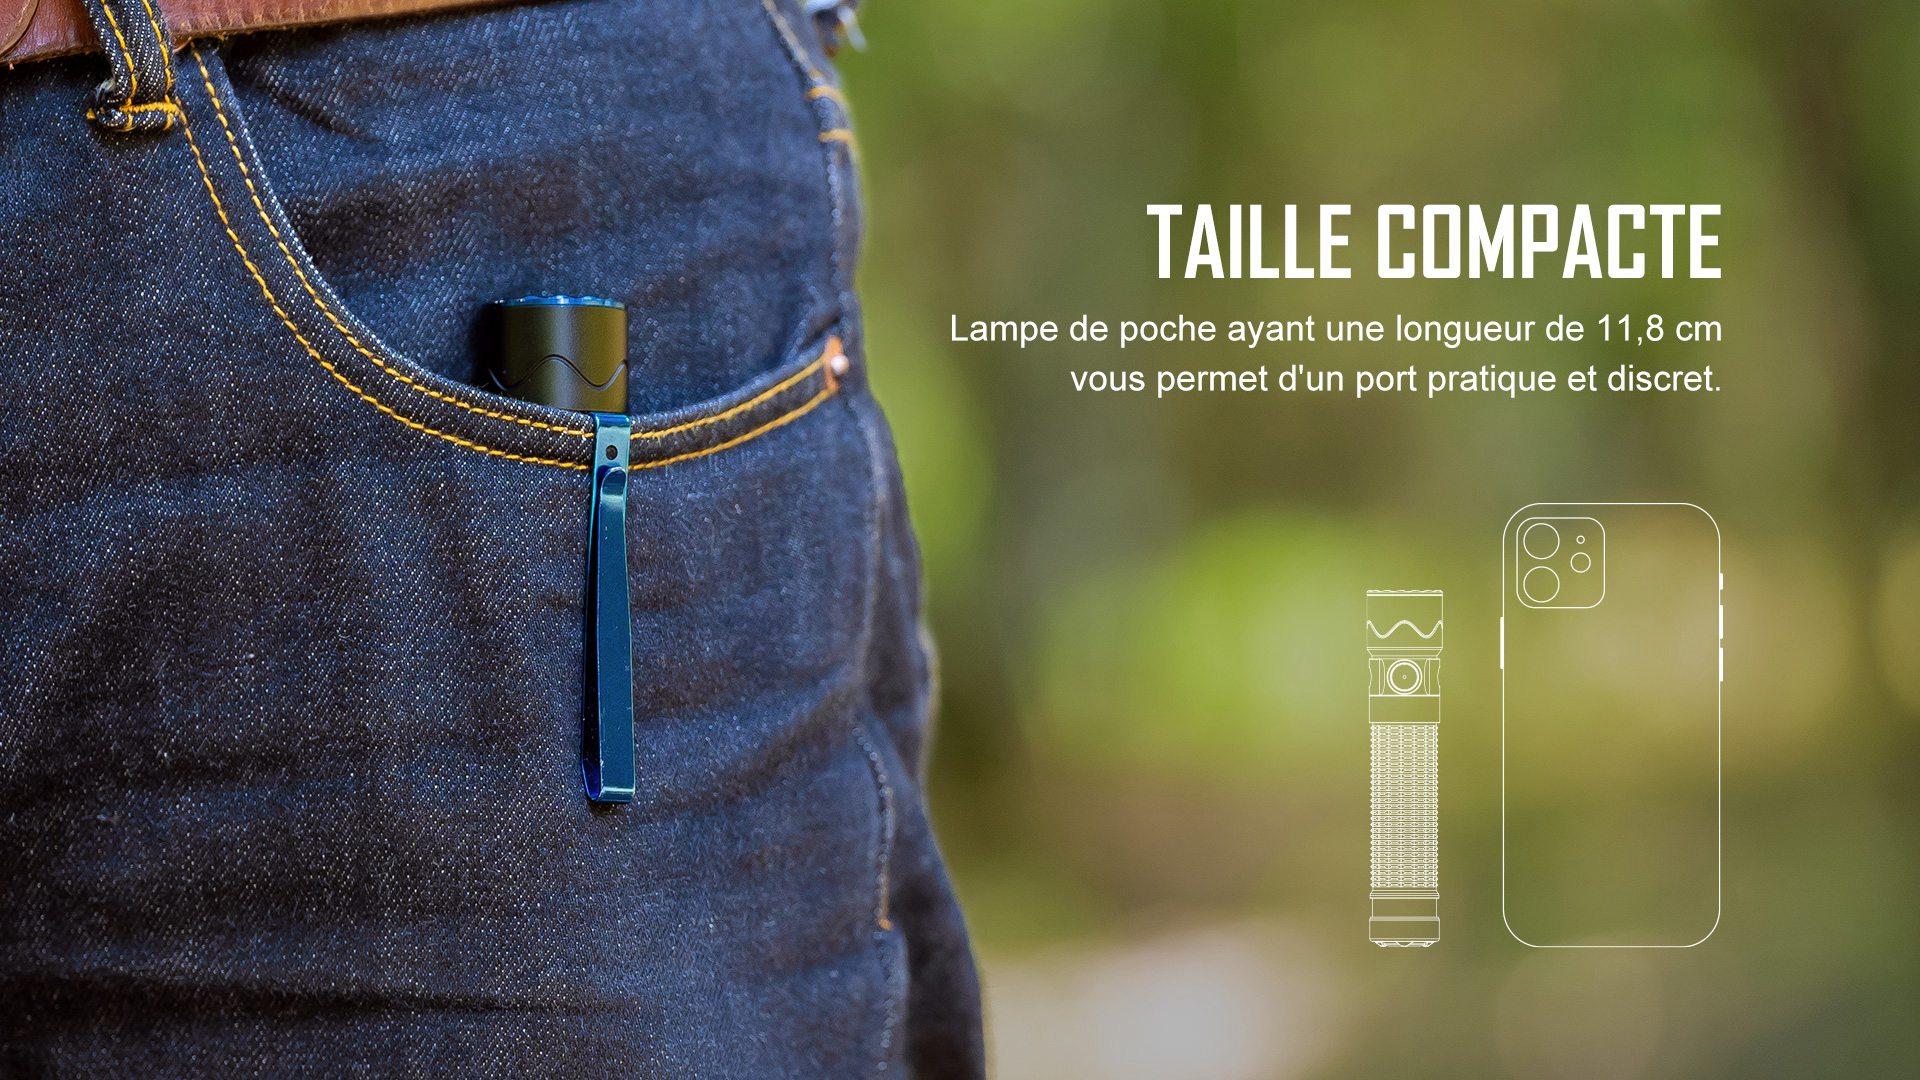 lampe torche autodéfense edc ayant une longueur de 11,8 cm